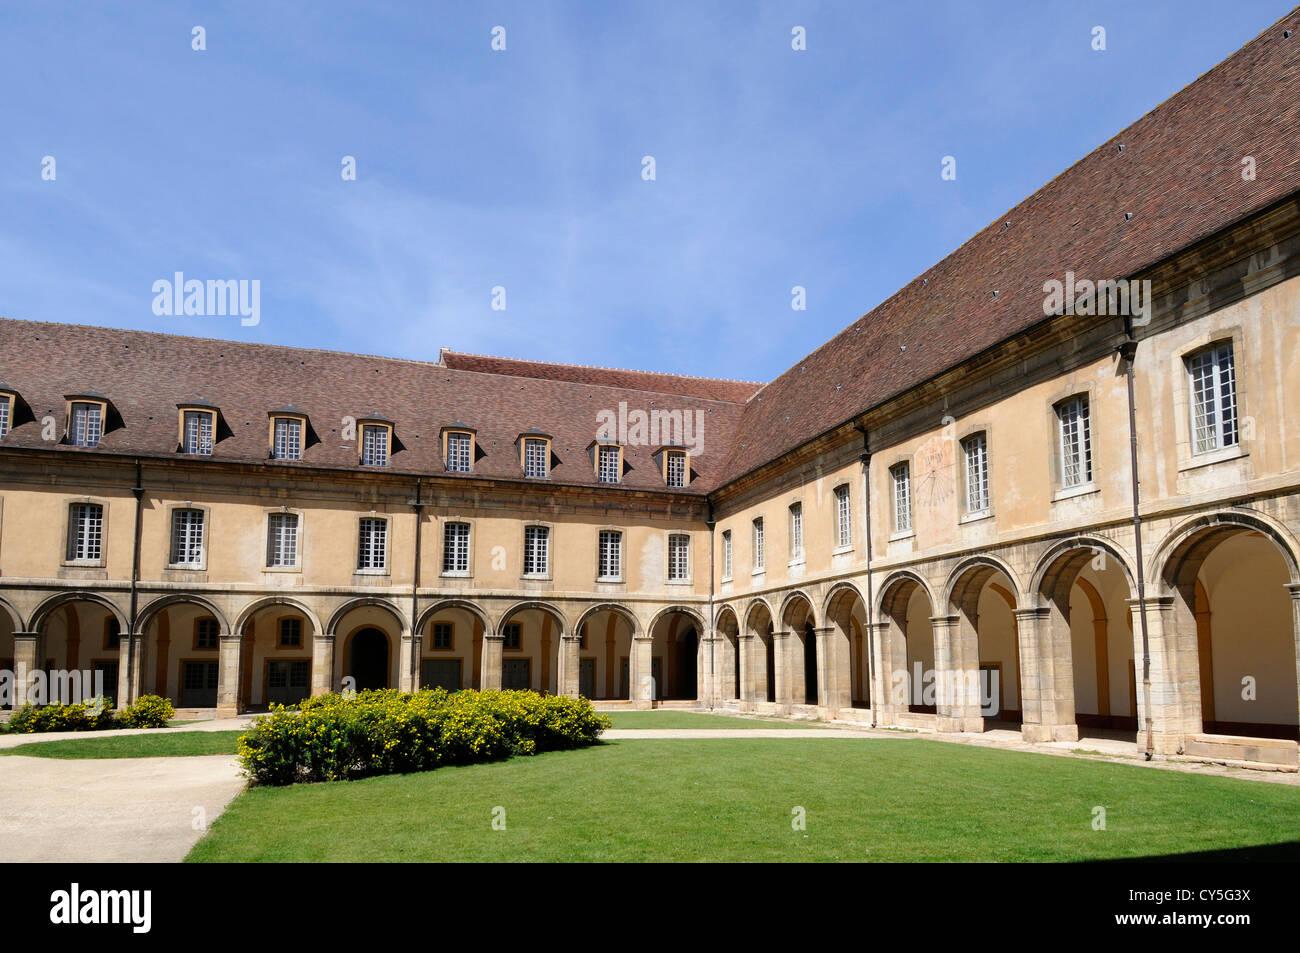 L'Abbaye de Cluny, un monastère bénédictin à Cluny, Saône et Loire, Bourgogne, France Photo Stock